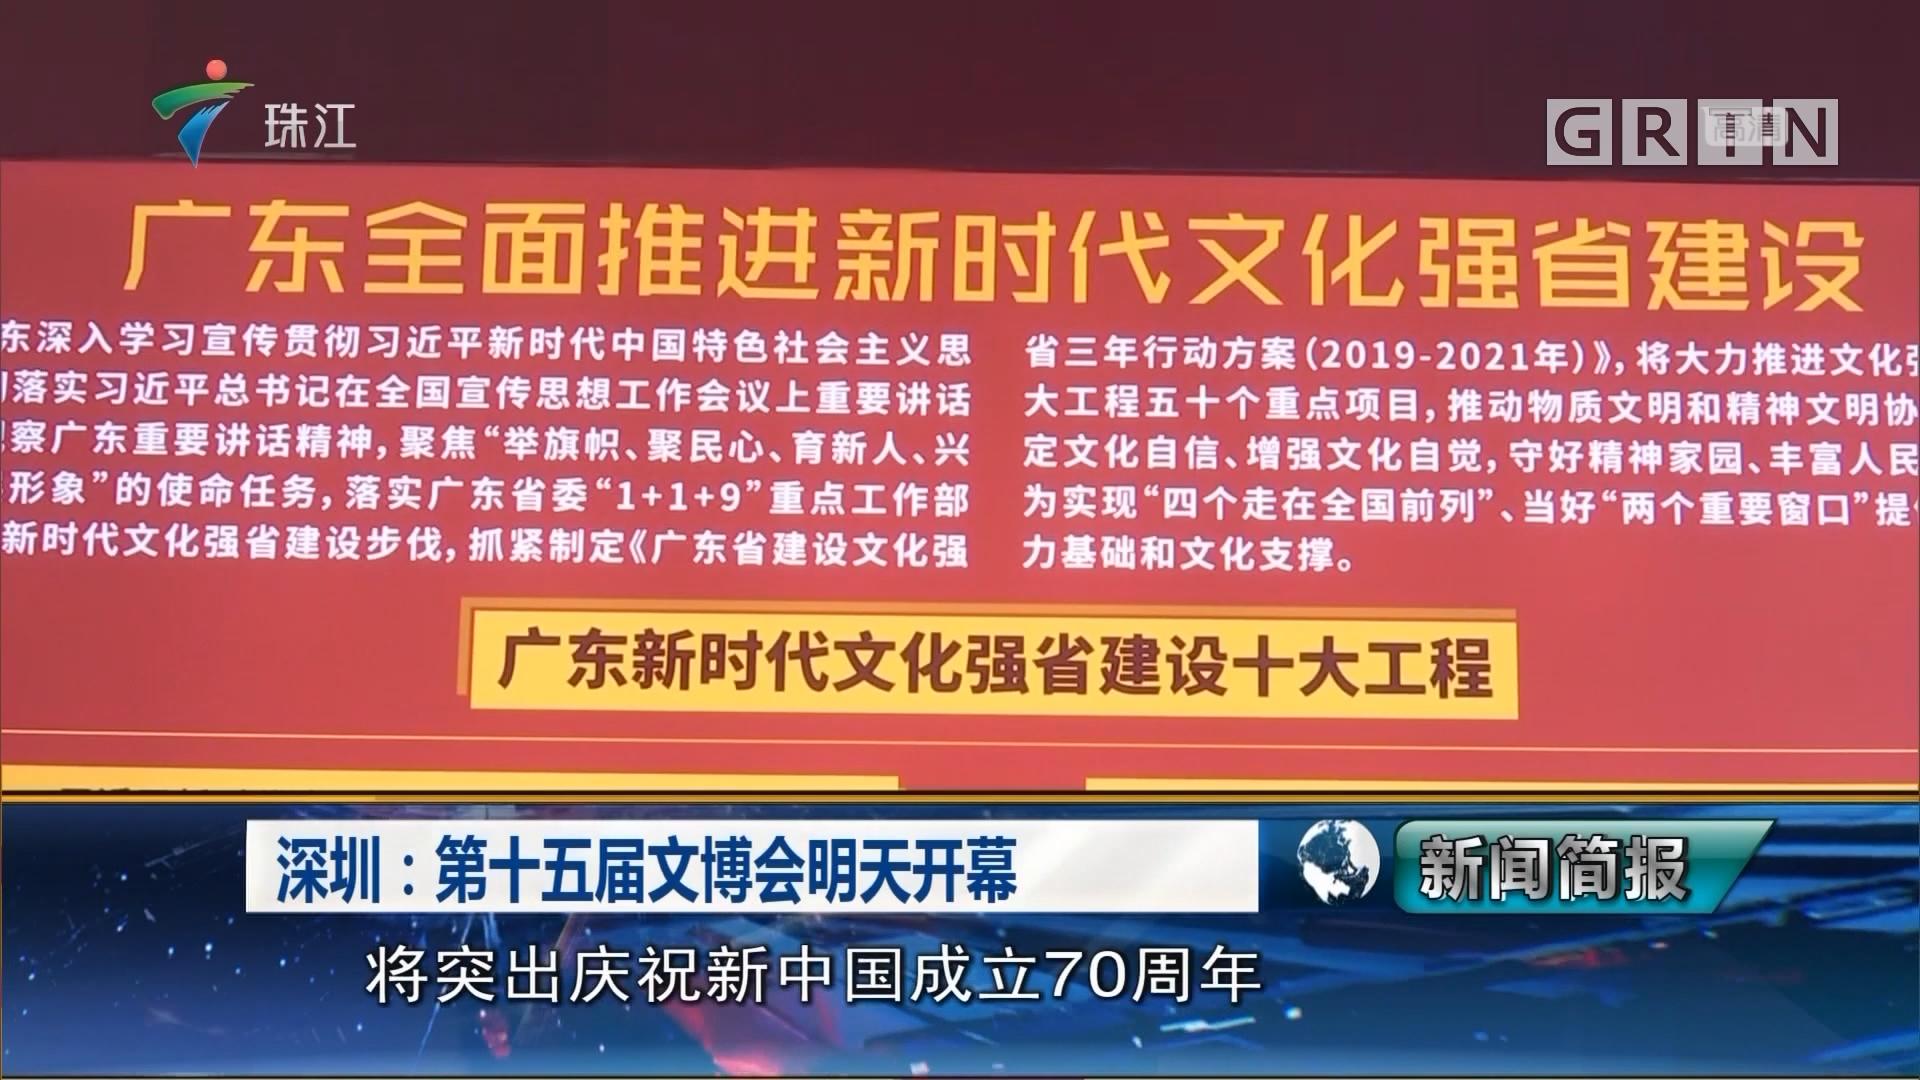 深圳:第十五届文博会明天开幕